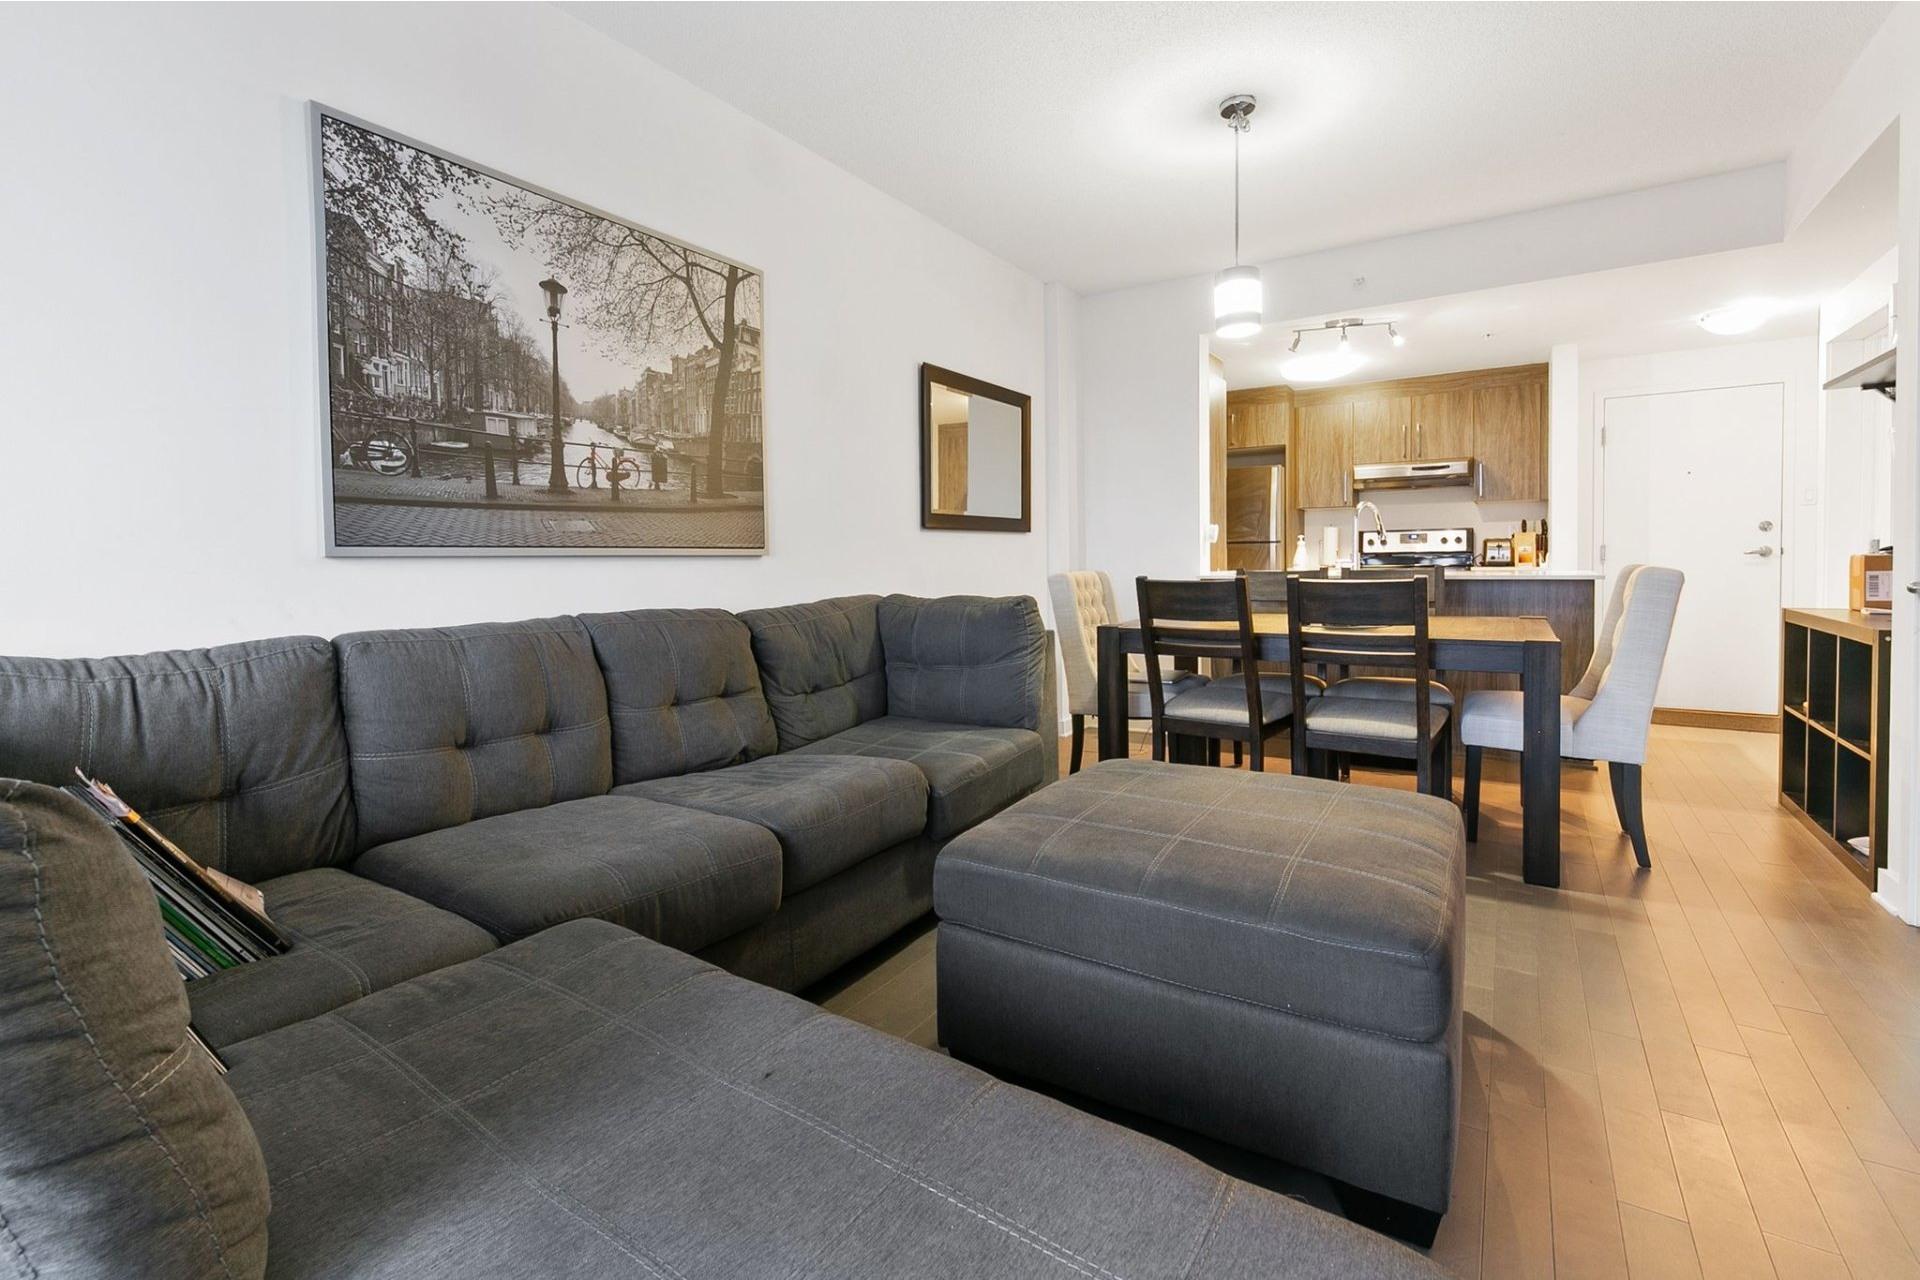 image 2 - Appartement À louer Ahuntsic-Cartierville Montréal  - 4 pièces